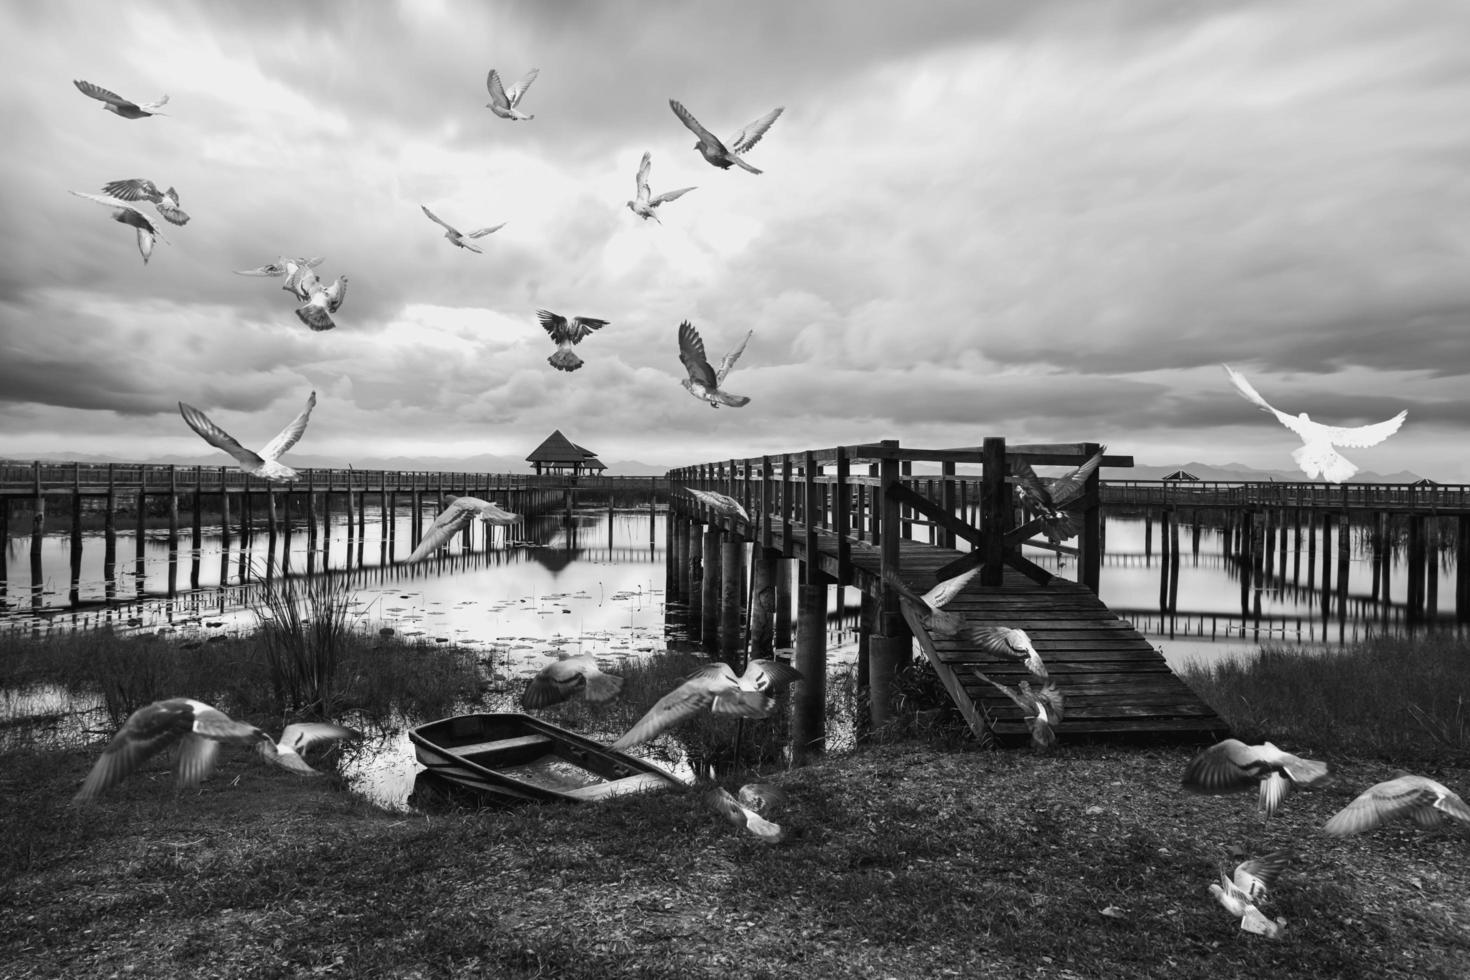 zwart-wit foto van duiven op meer